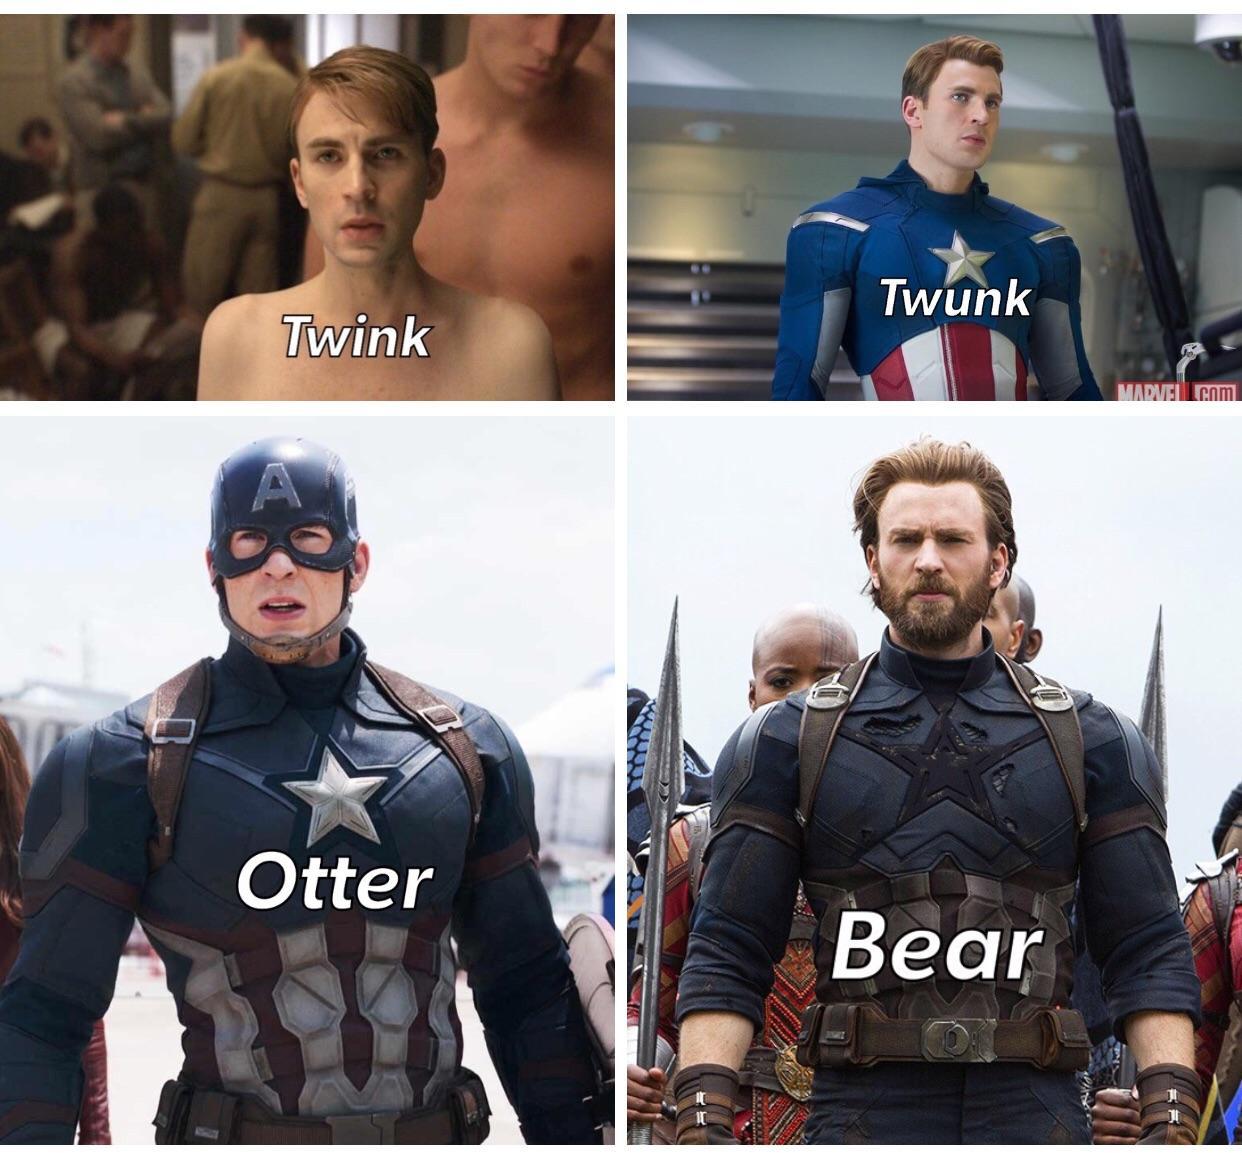 Avenger der kapitan americock twink